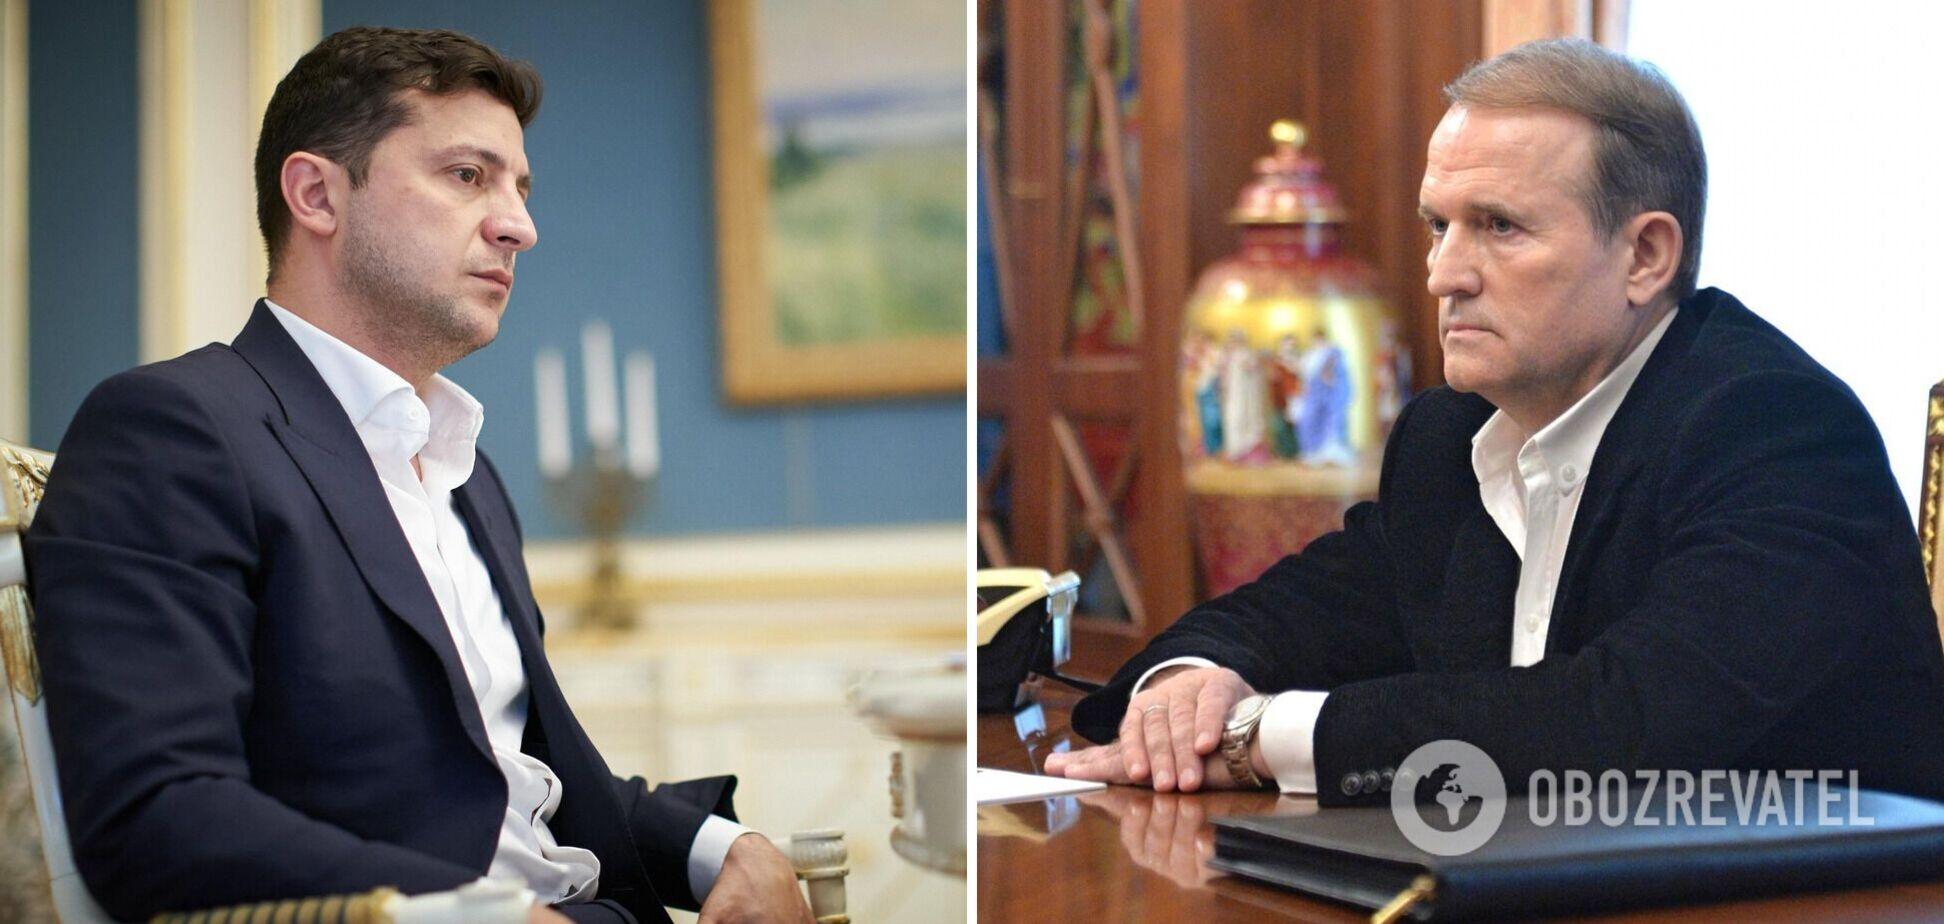 Нардепам объяснили, что 'олигарха Медведчука больше нет'